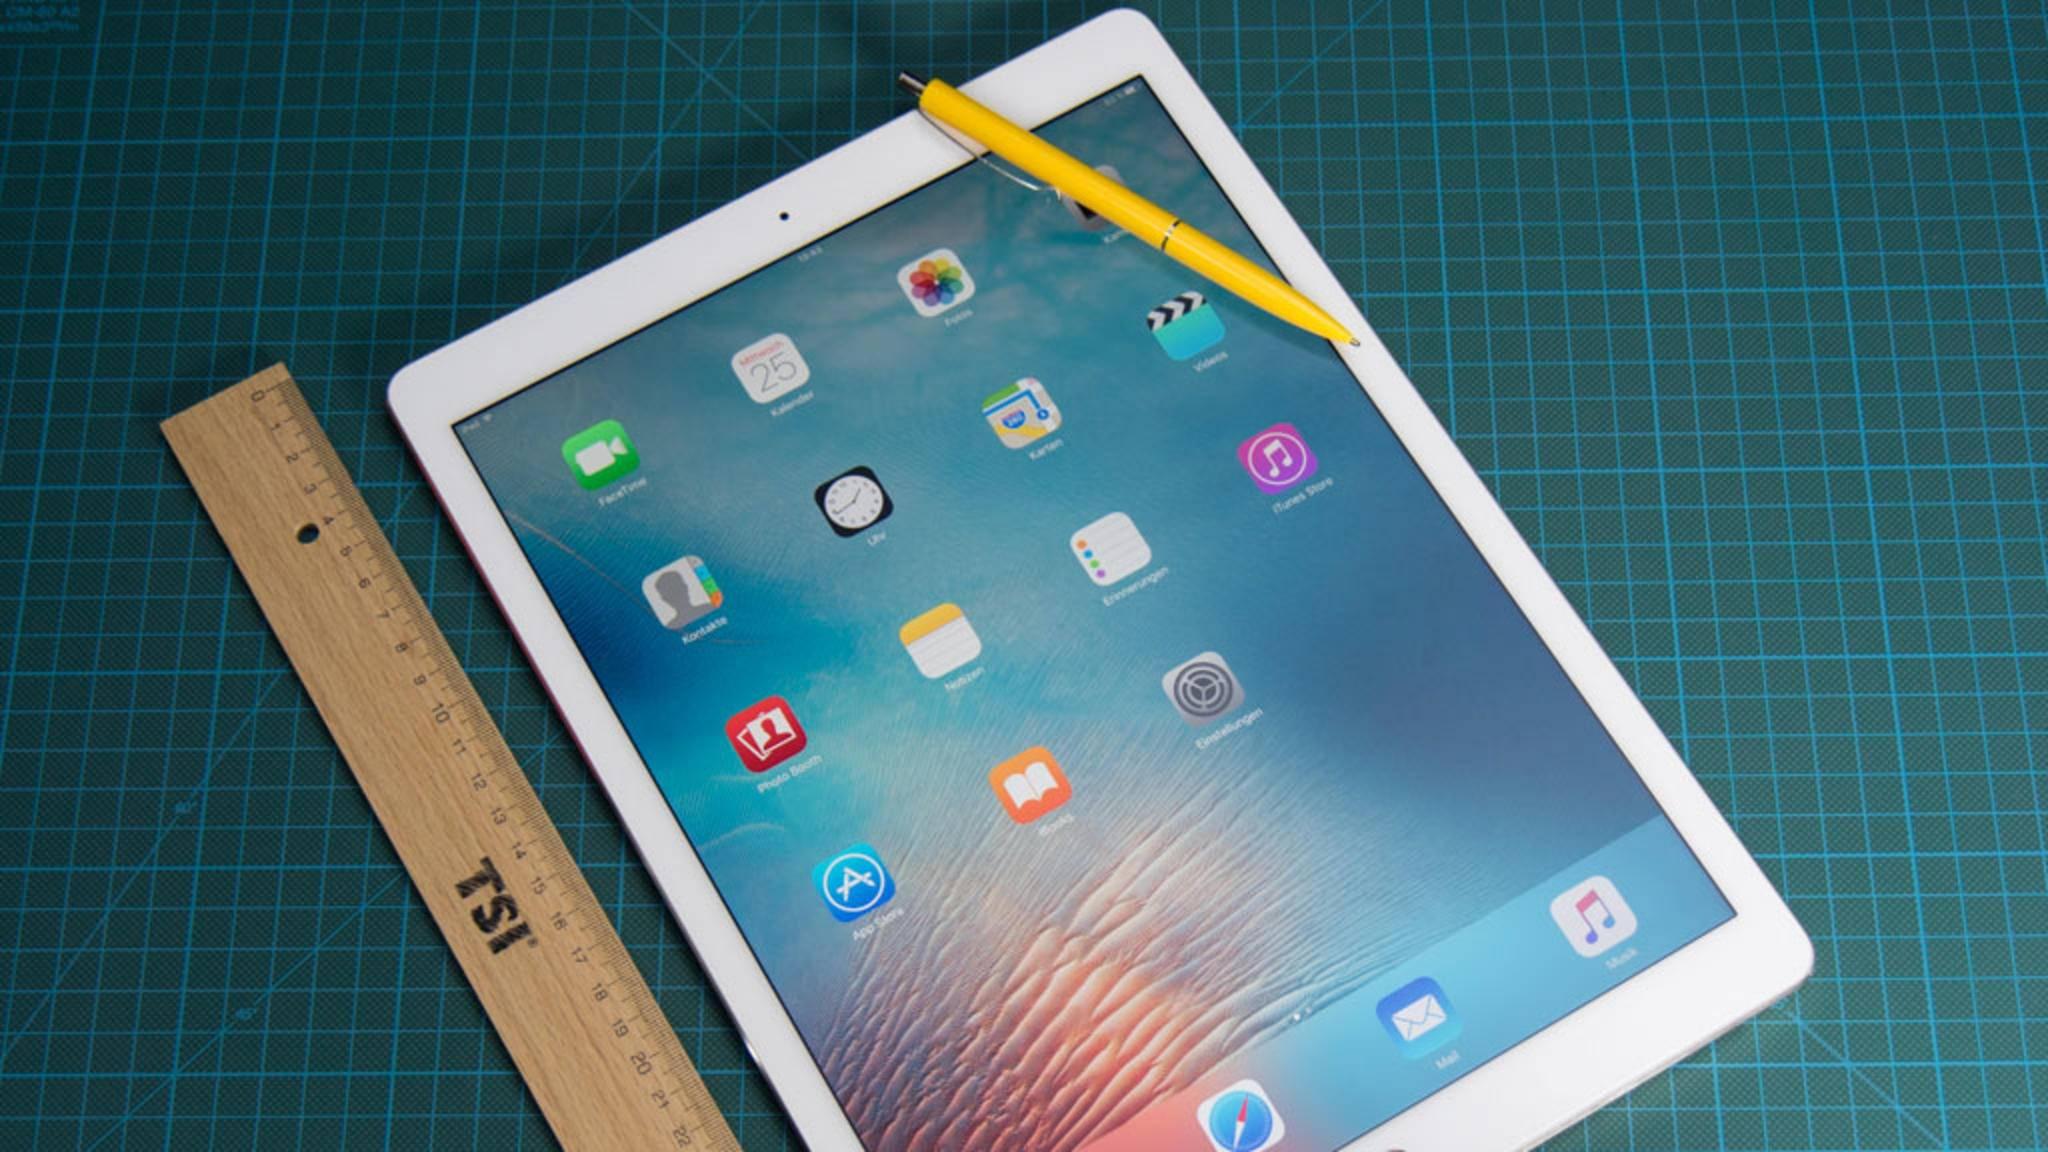 Wenn sich das iPad-Display nicht automatisch dreht, kann dies unterschiedliche Ursachen haben.